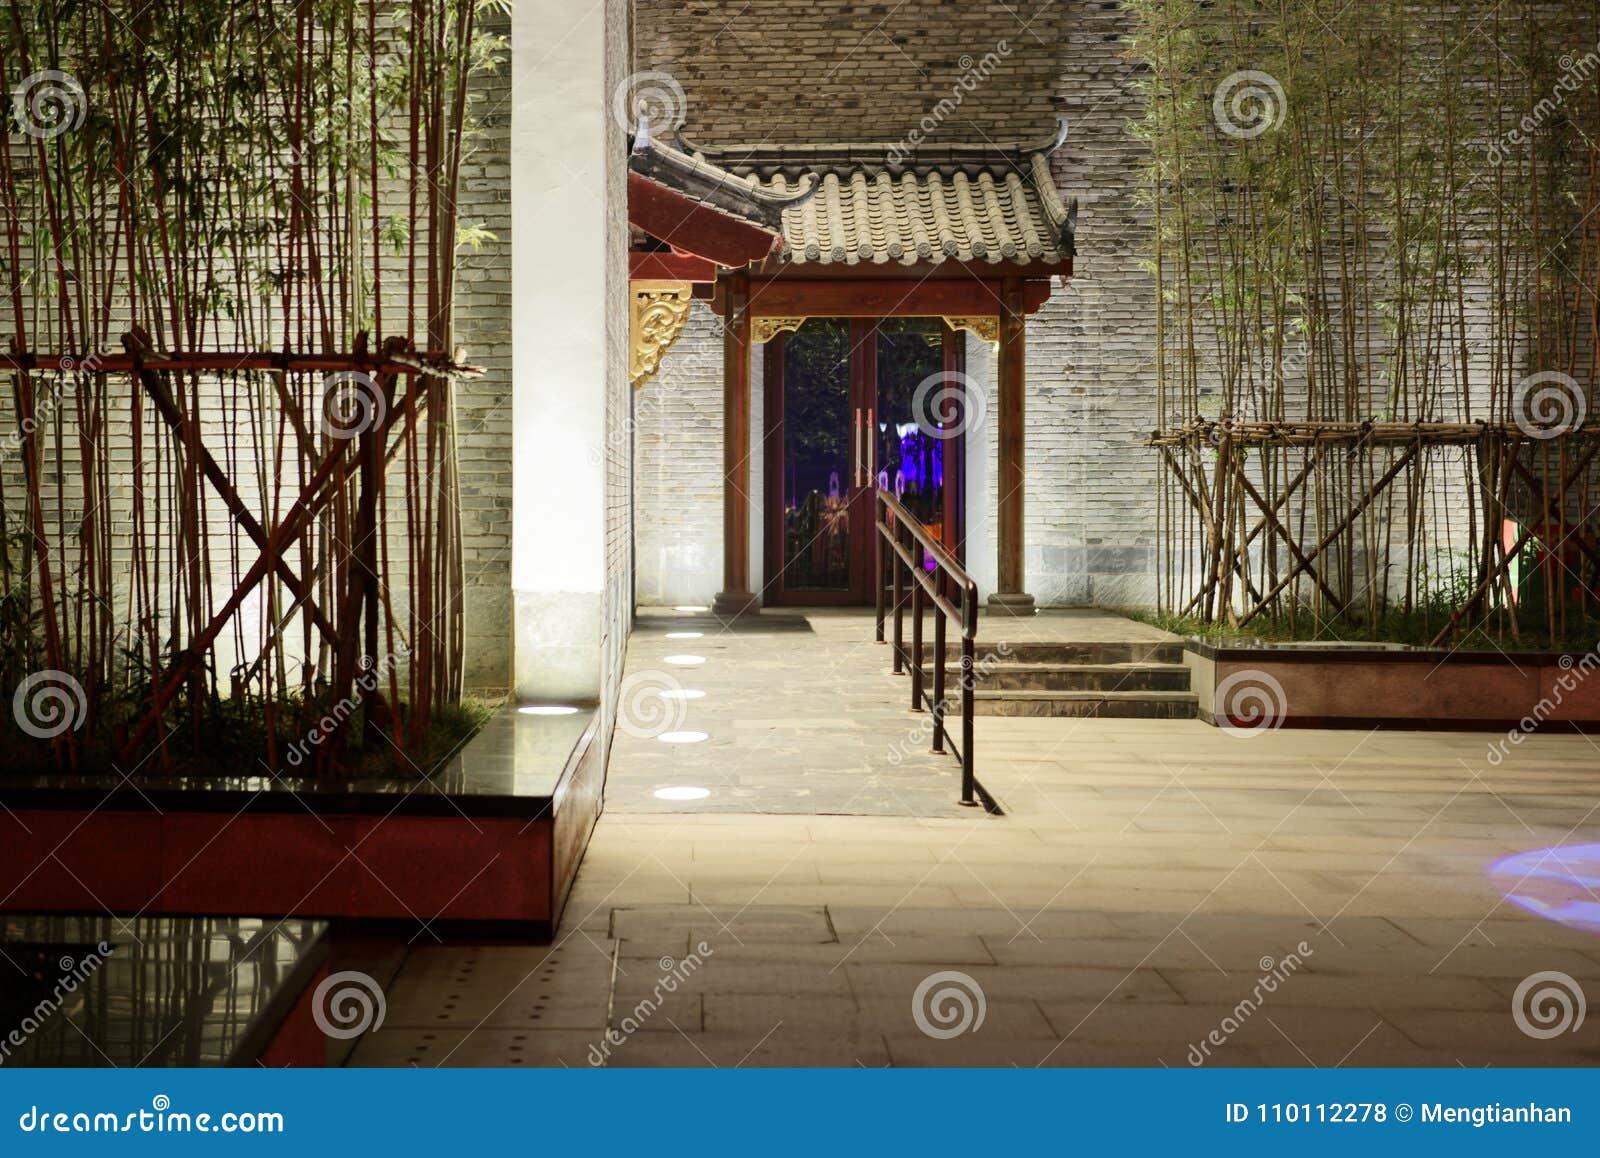 Premier festival de lanterne d architecture-Le classique chinoise à Nan-Tchang